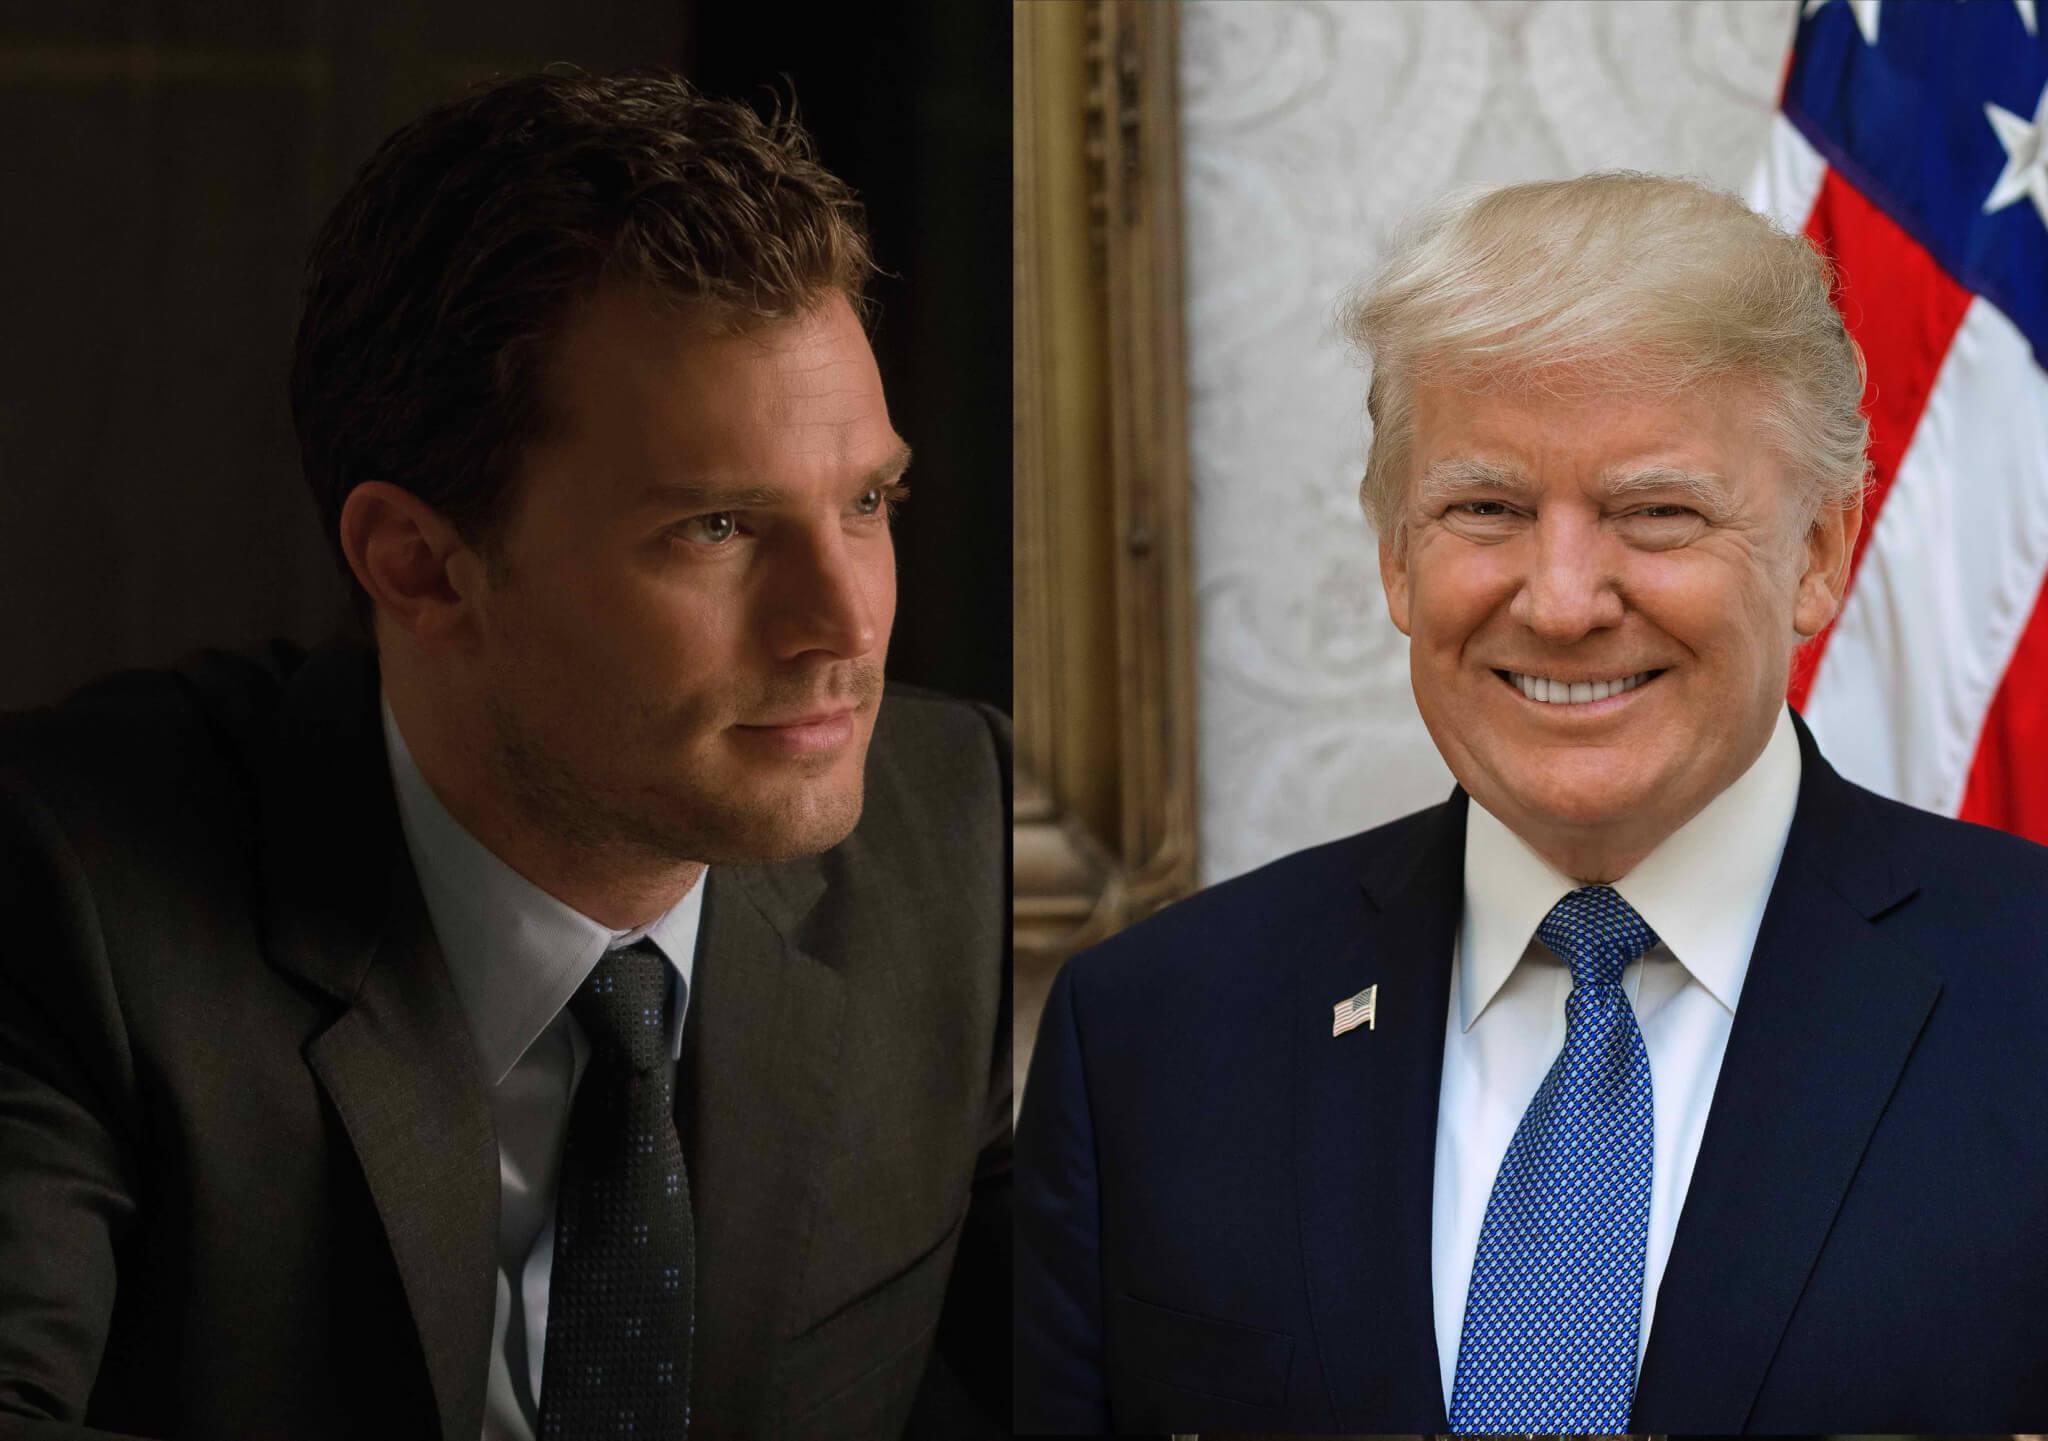 Bildkollage: Christian Grey (Universal Pictures) und Donald Trump (Wikipedia)